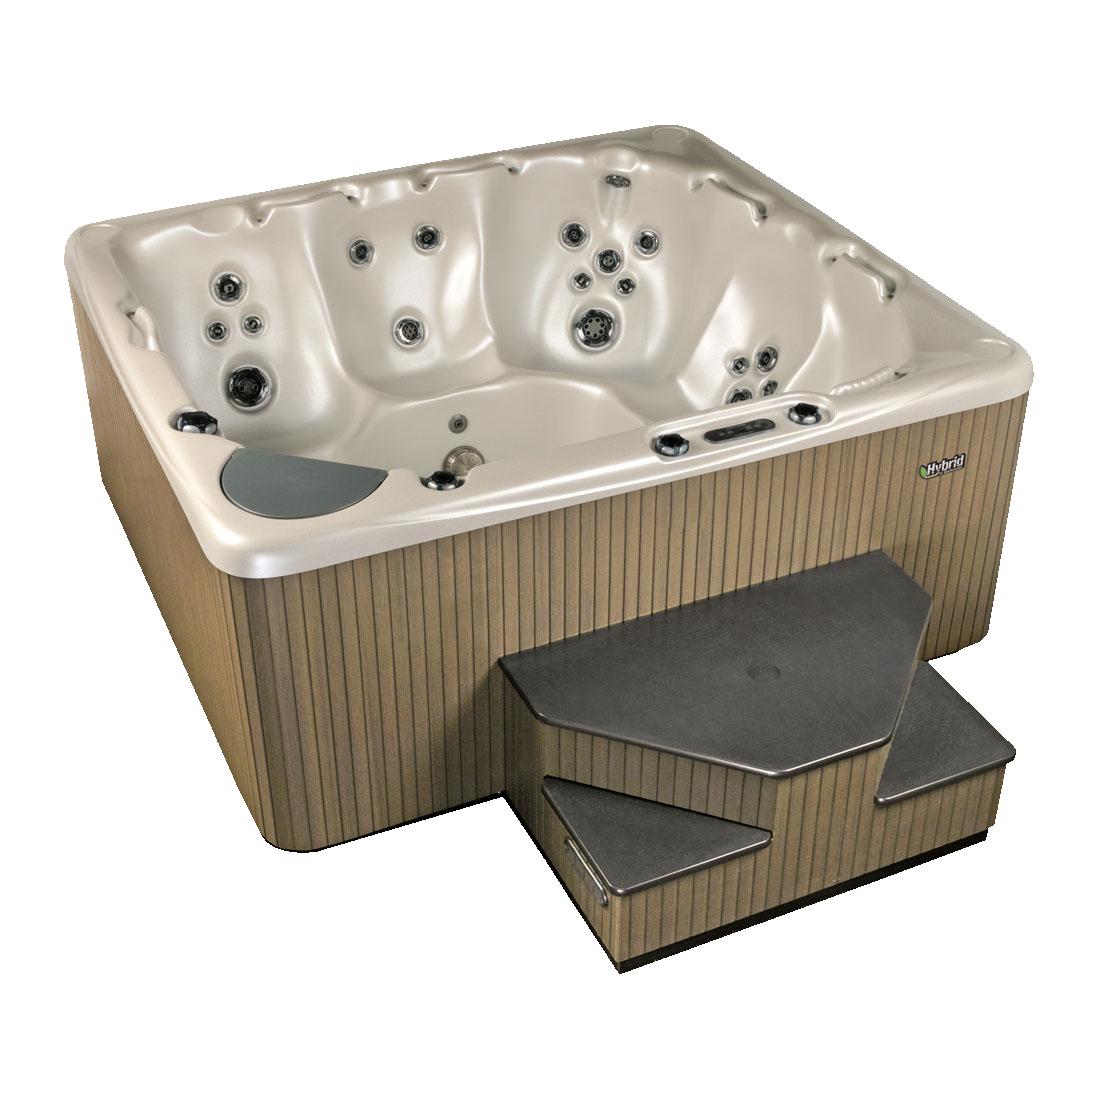 Large steel hot tub